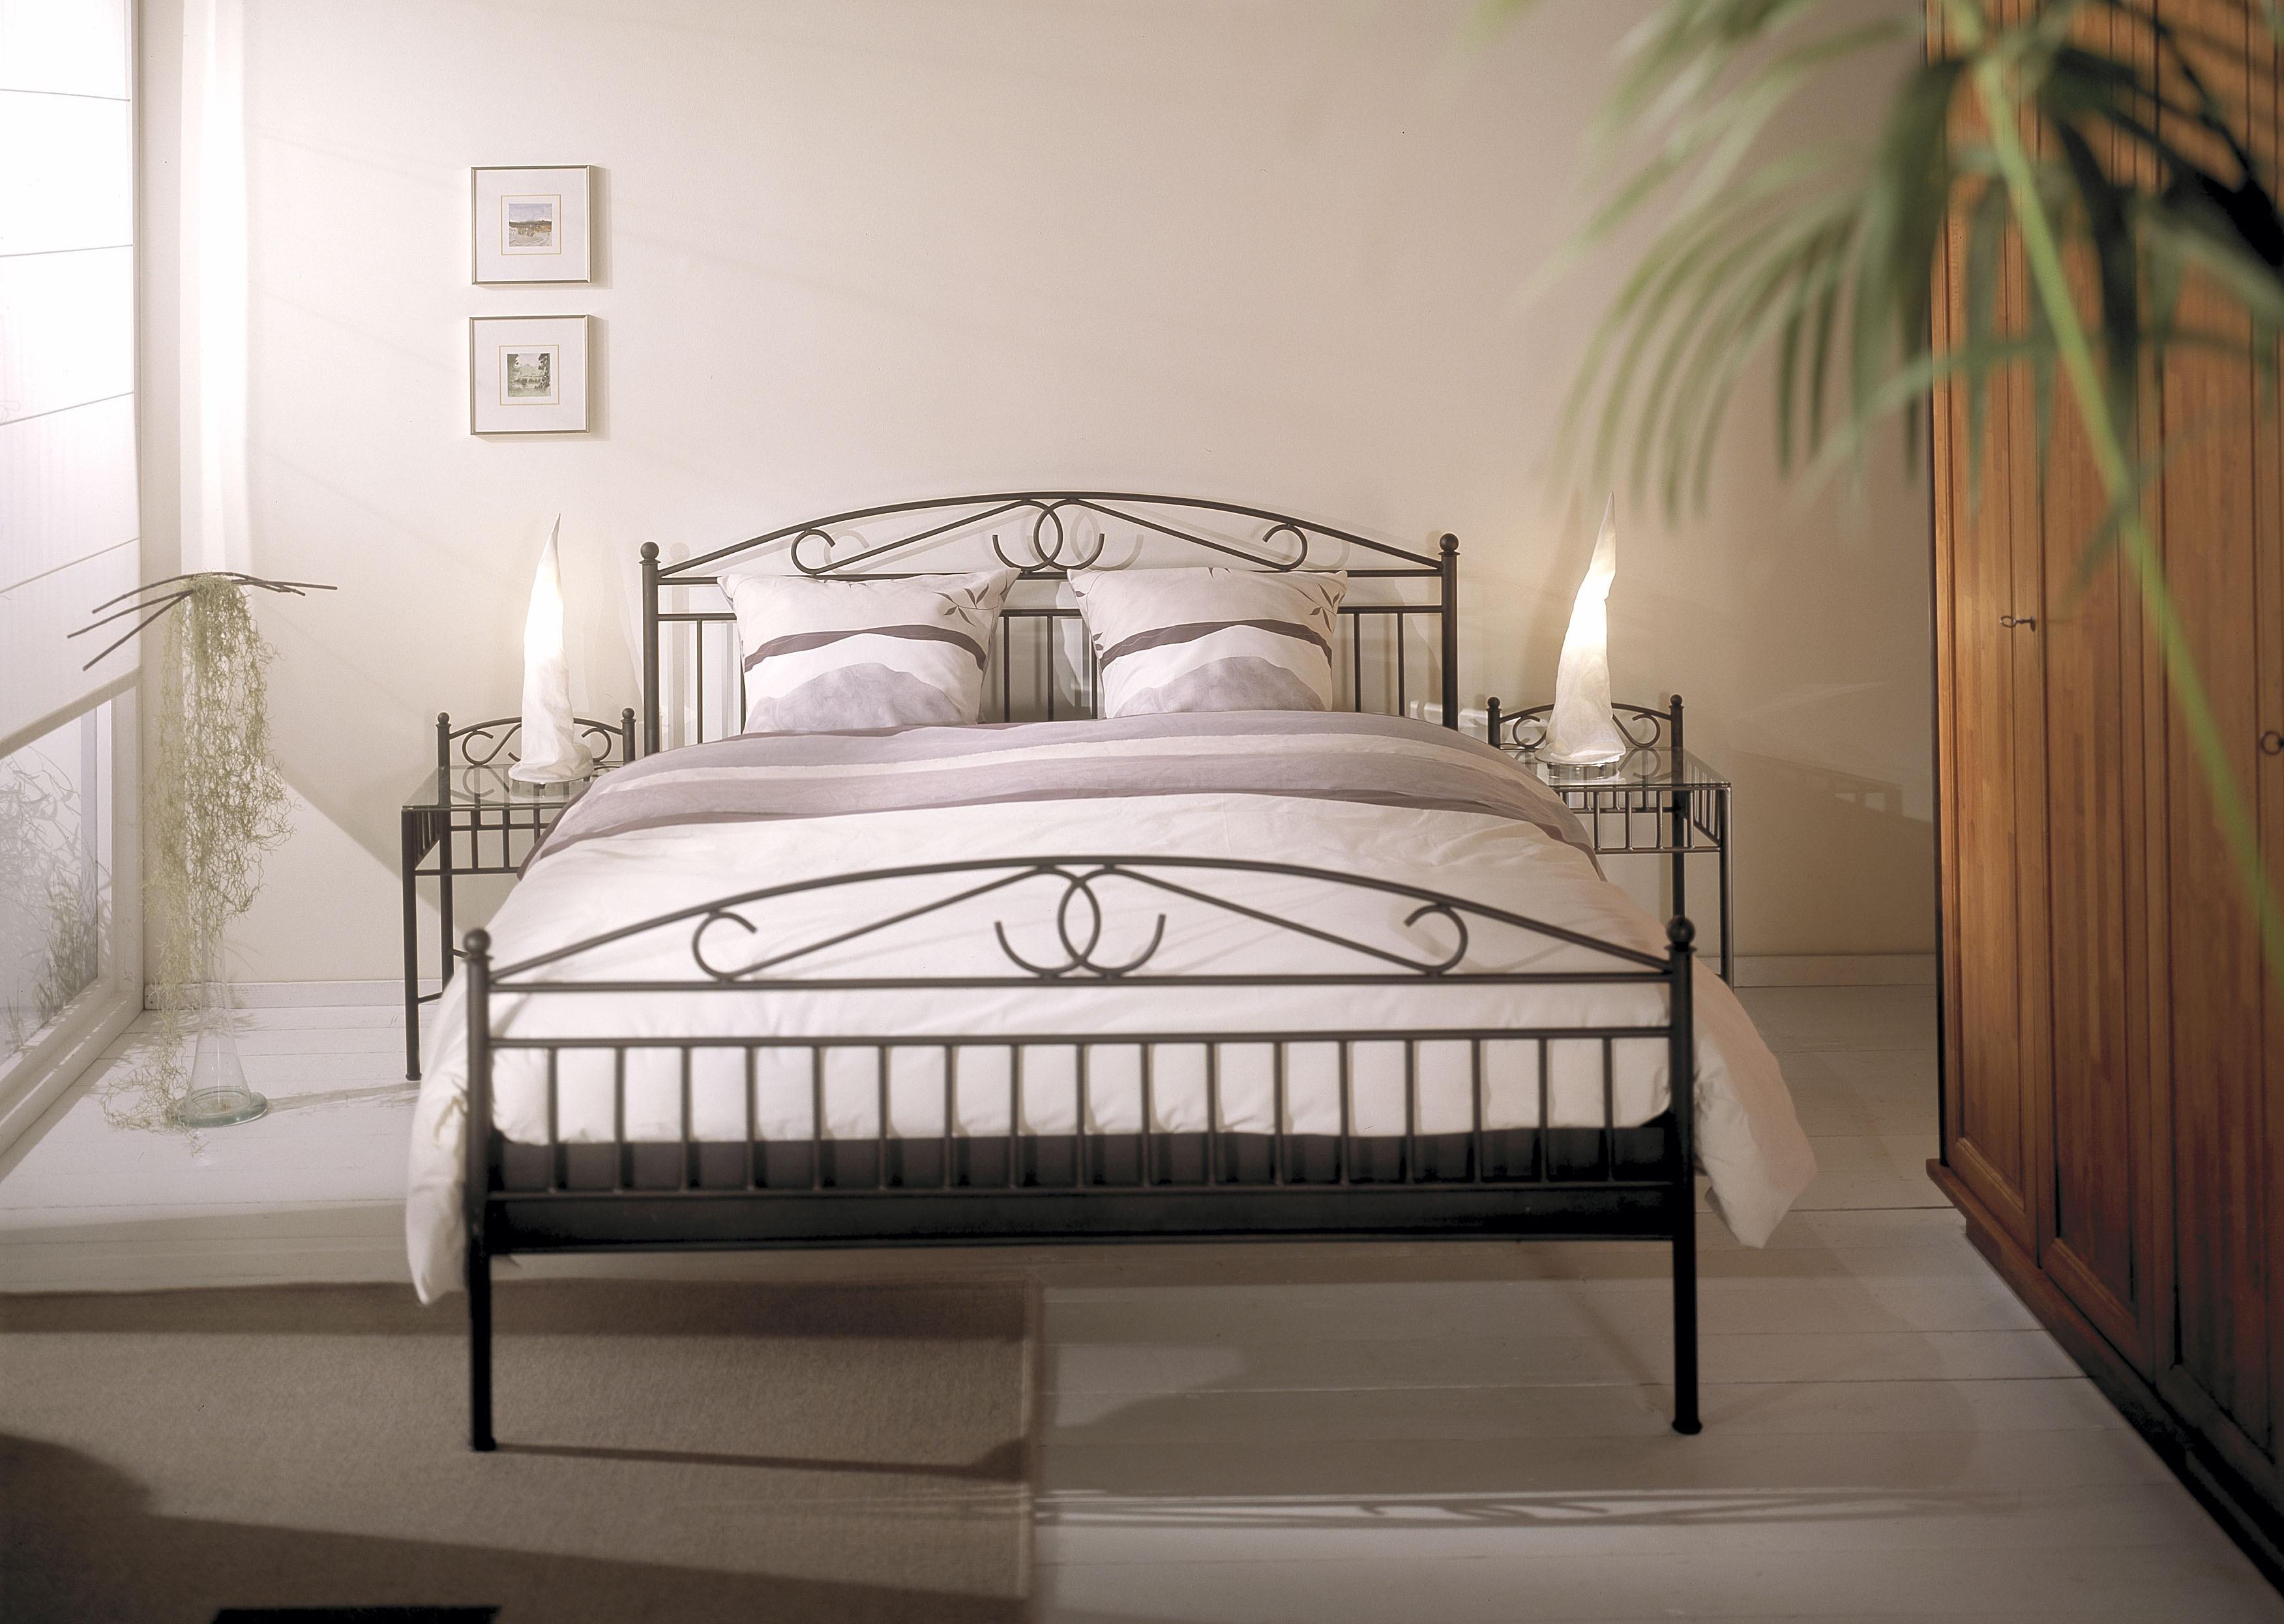 Металлические кровати фото в интерьере